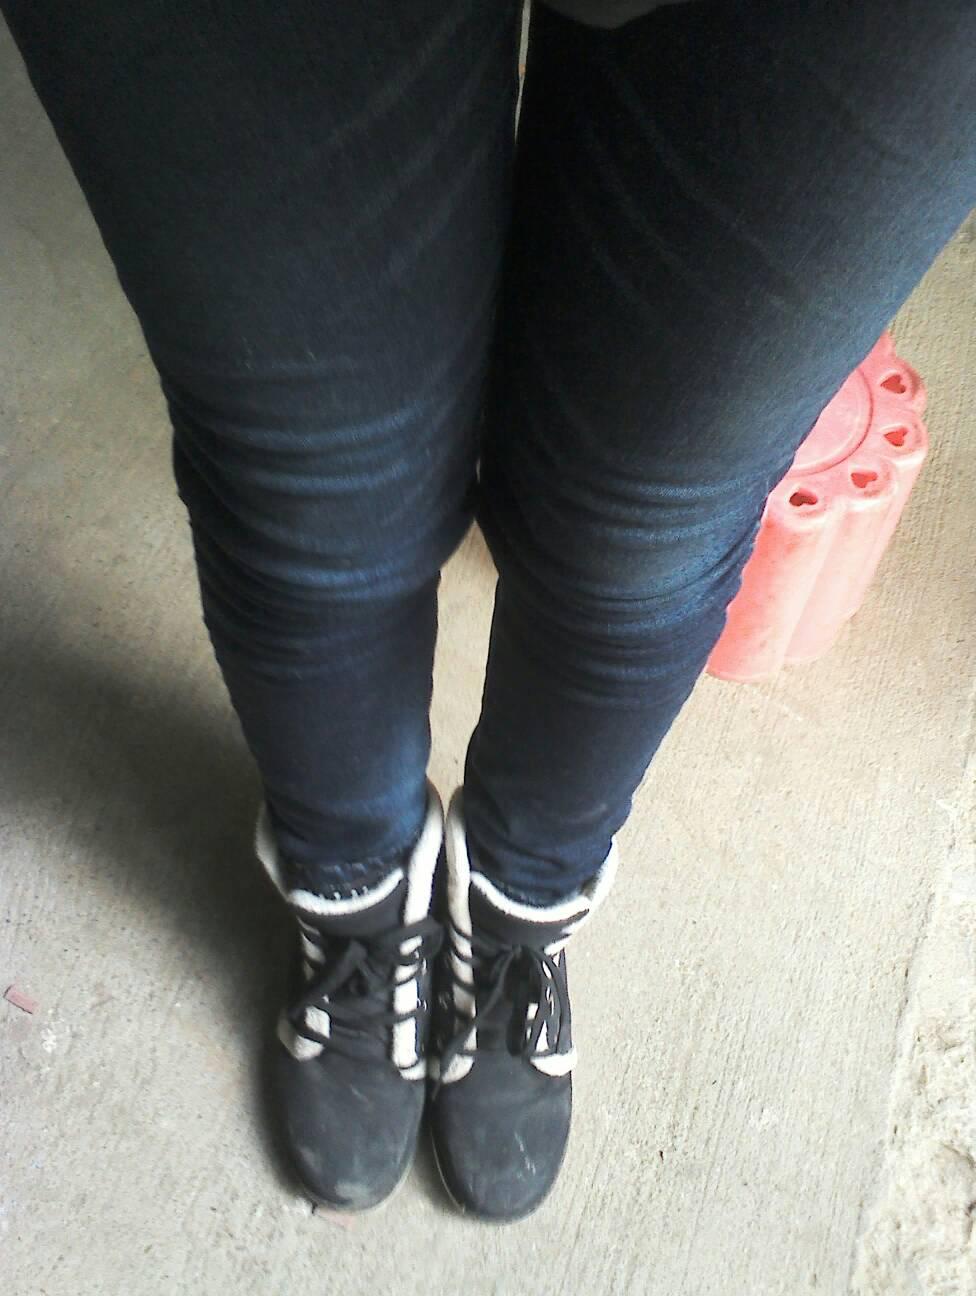 游戏一下名字腿型?是x女生么?如果是,请问全集大三字型腿这是图片